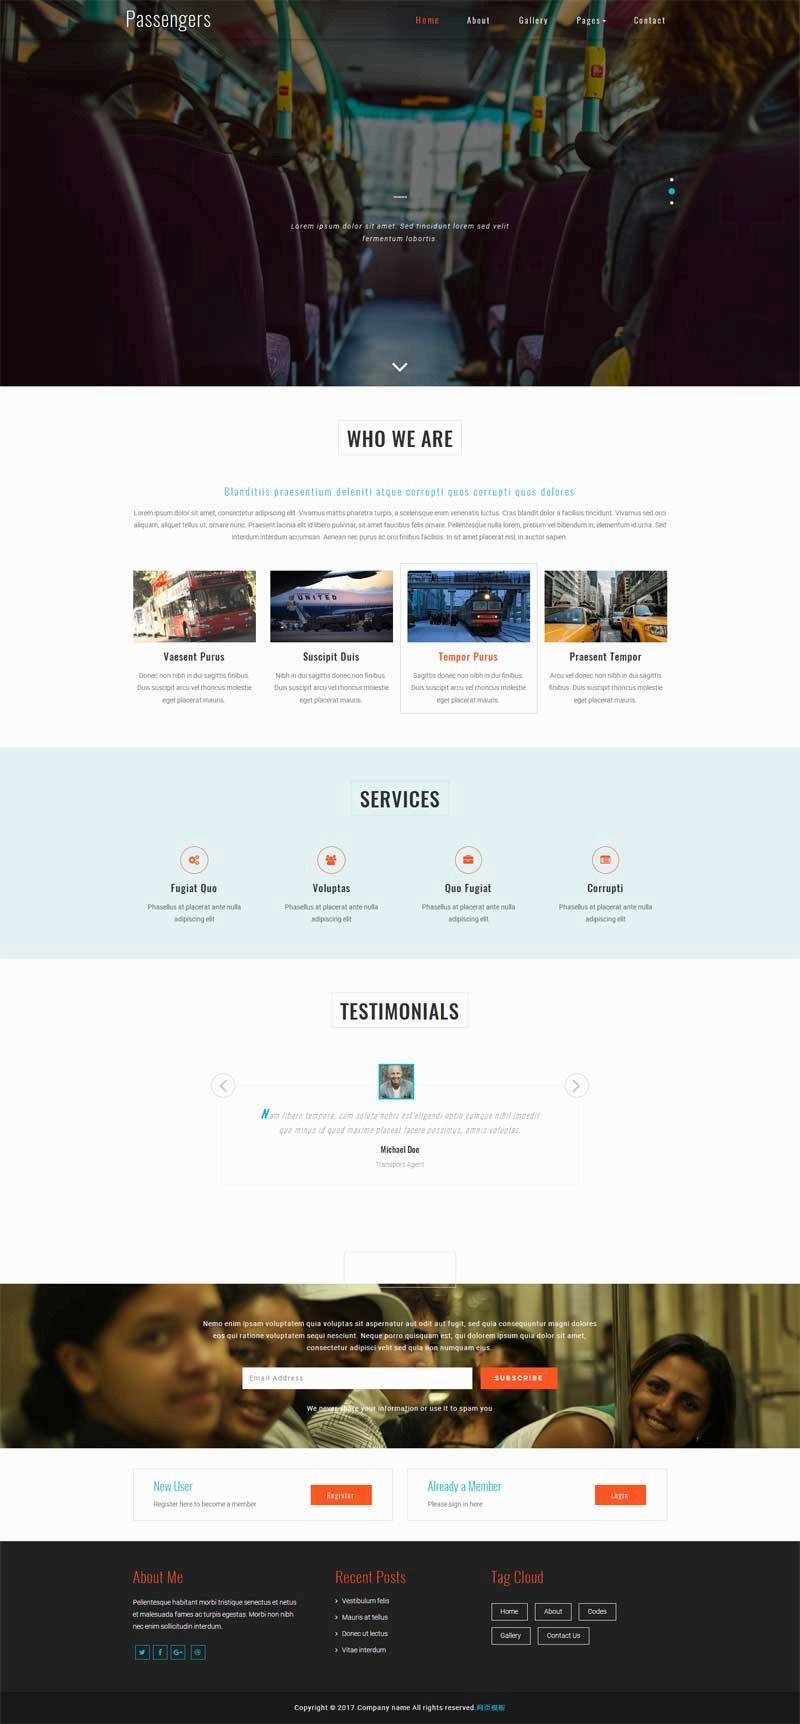 大气的公共汽车交通公司网站html模板